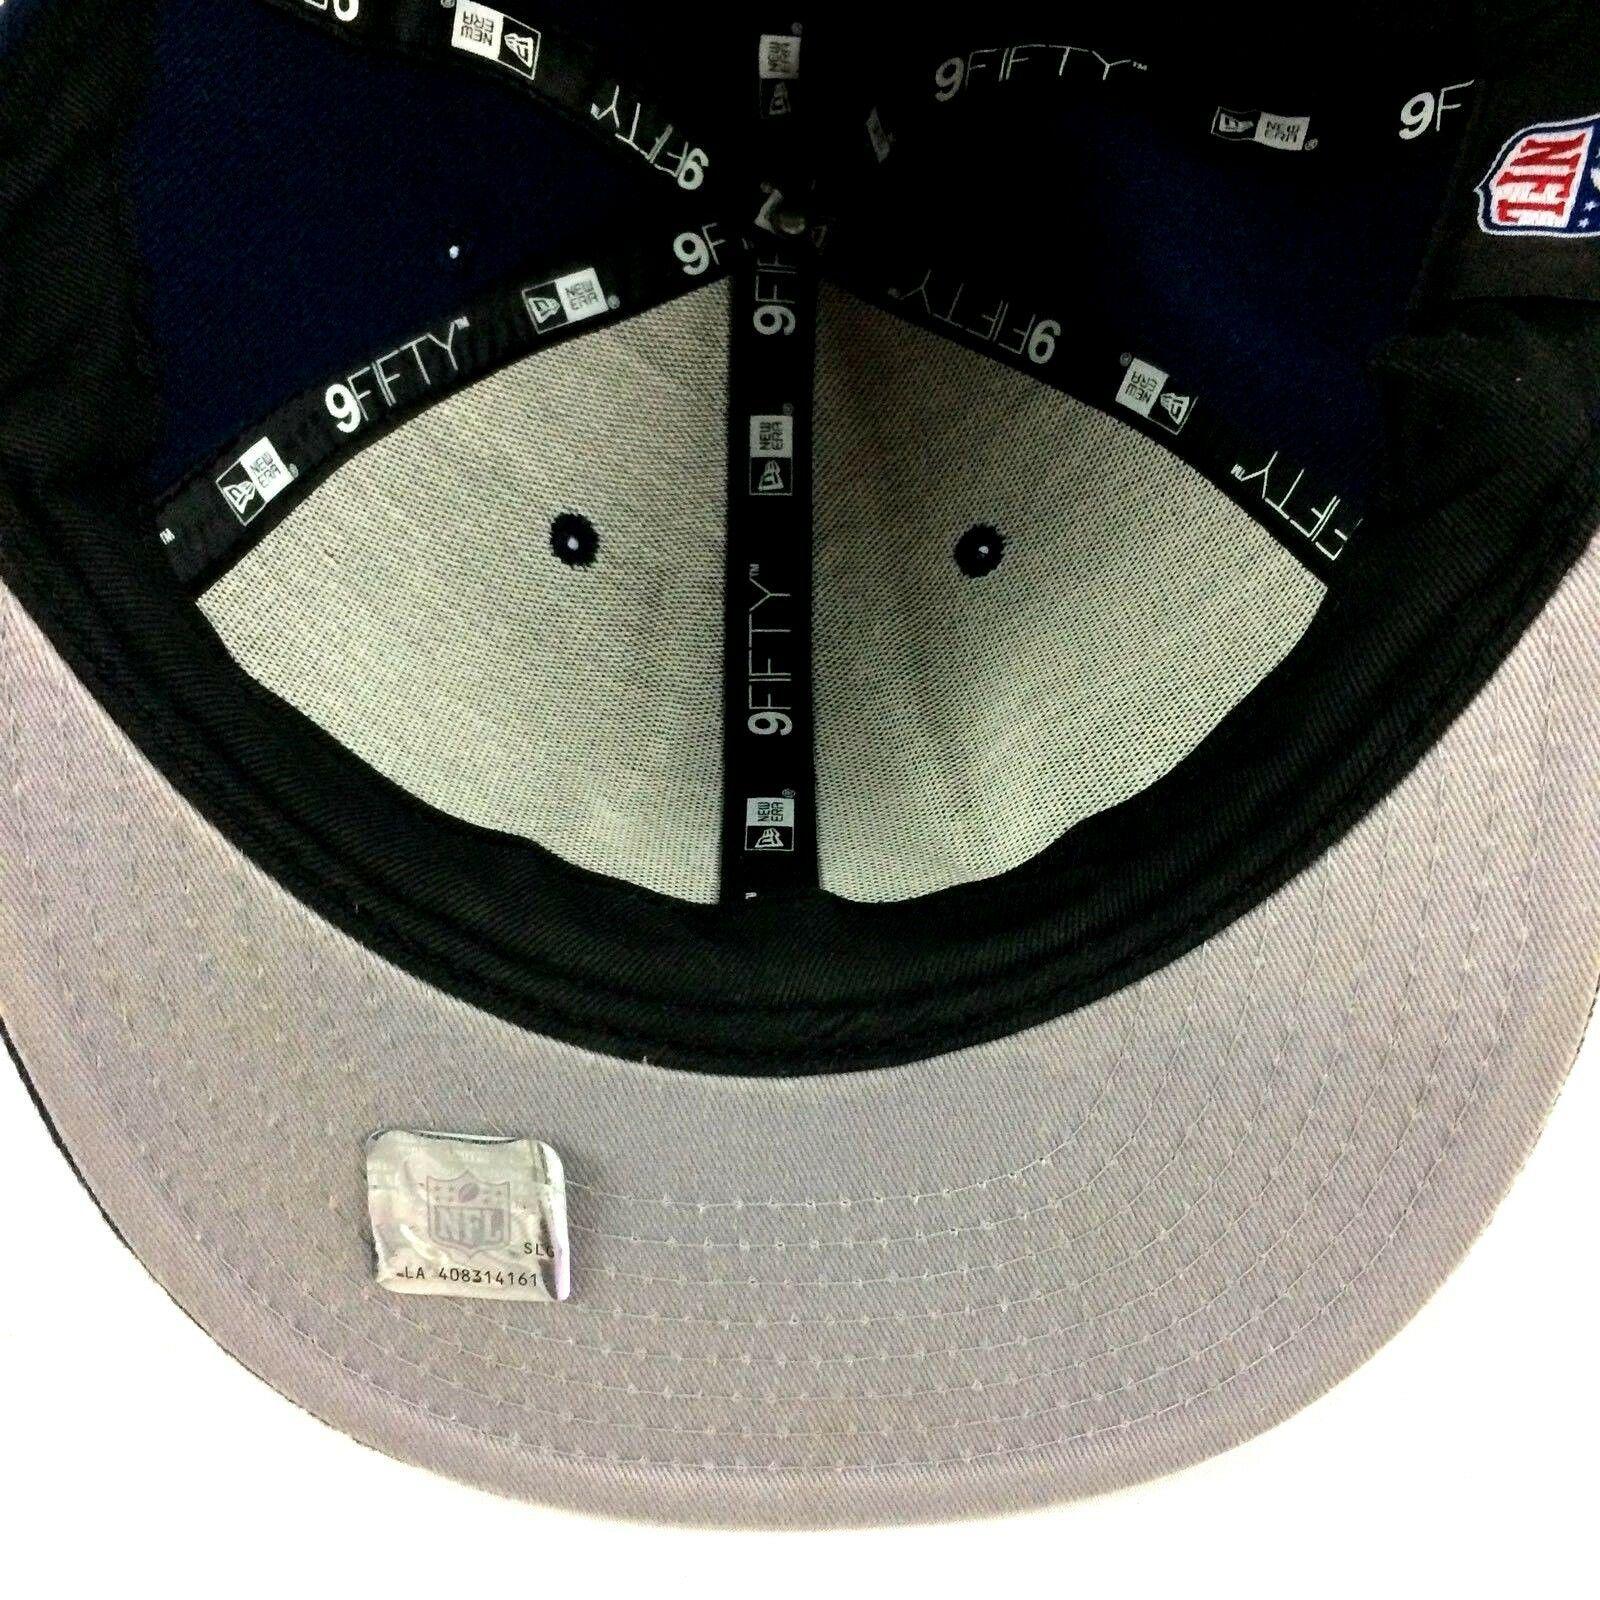 New England Patriots Retro Logo Snapback Baseball Cap Hat New Era 9Fifty